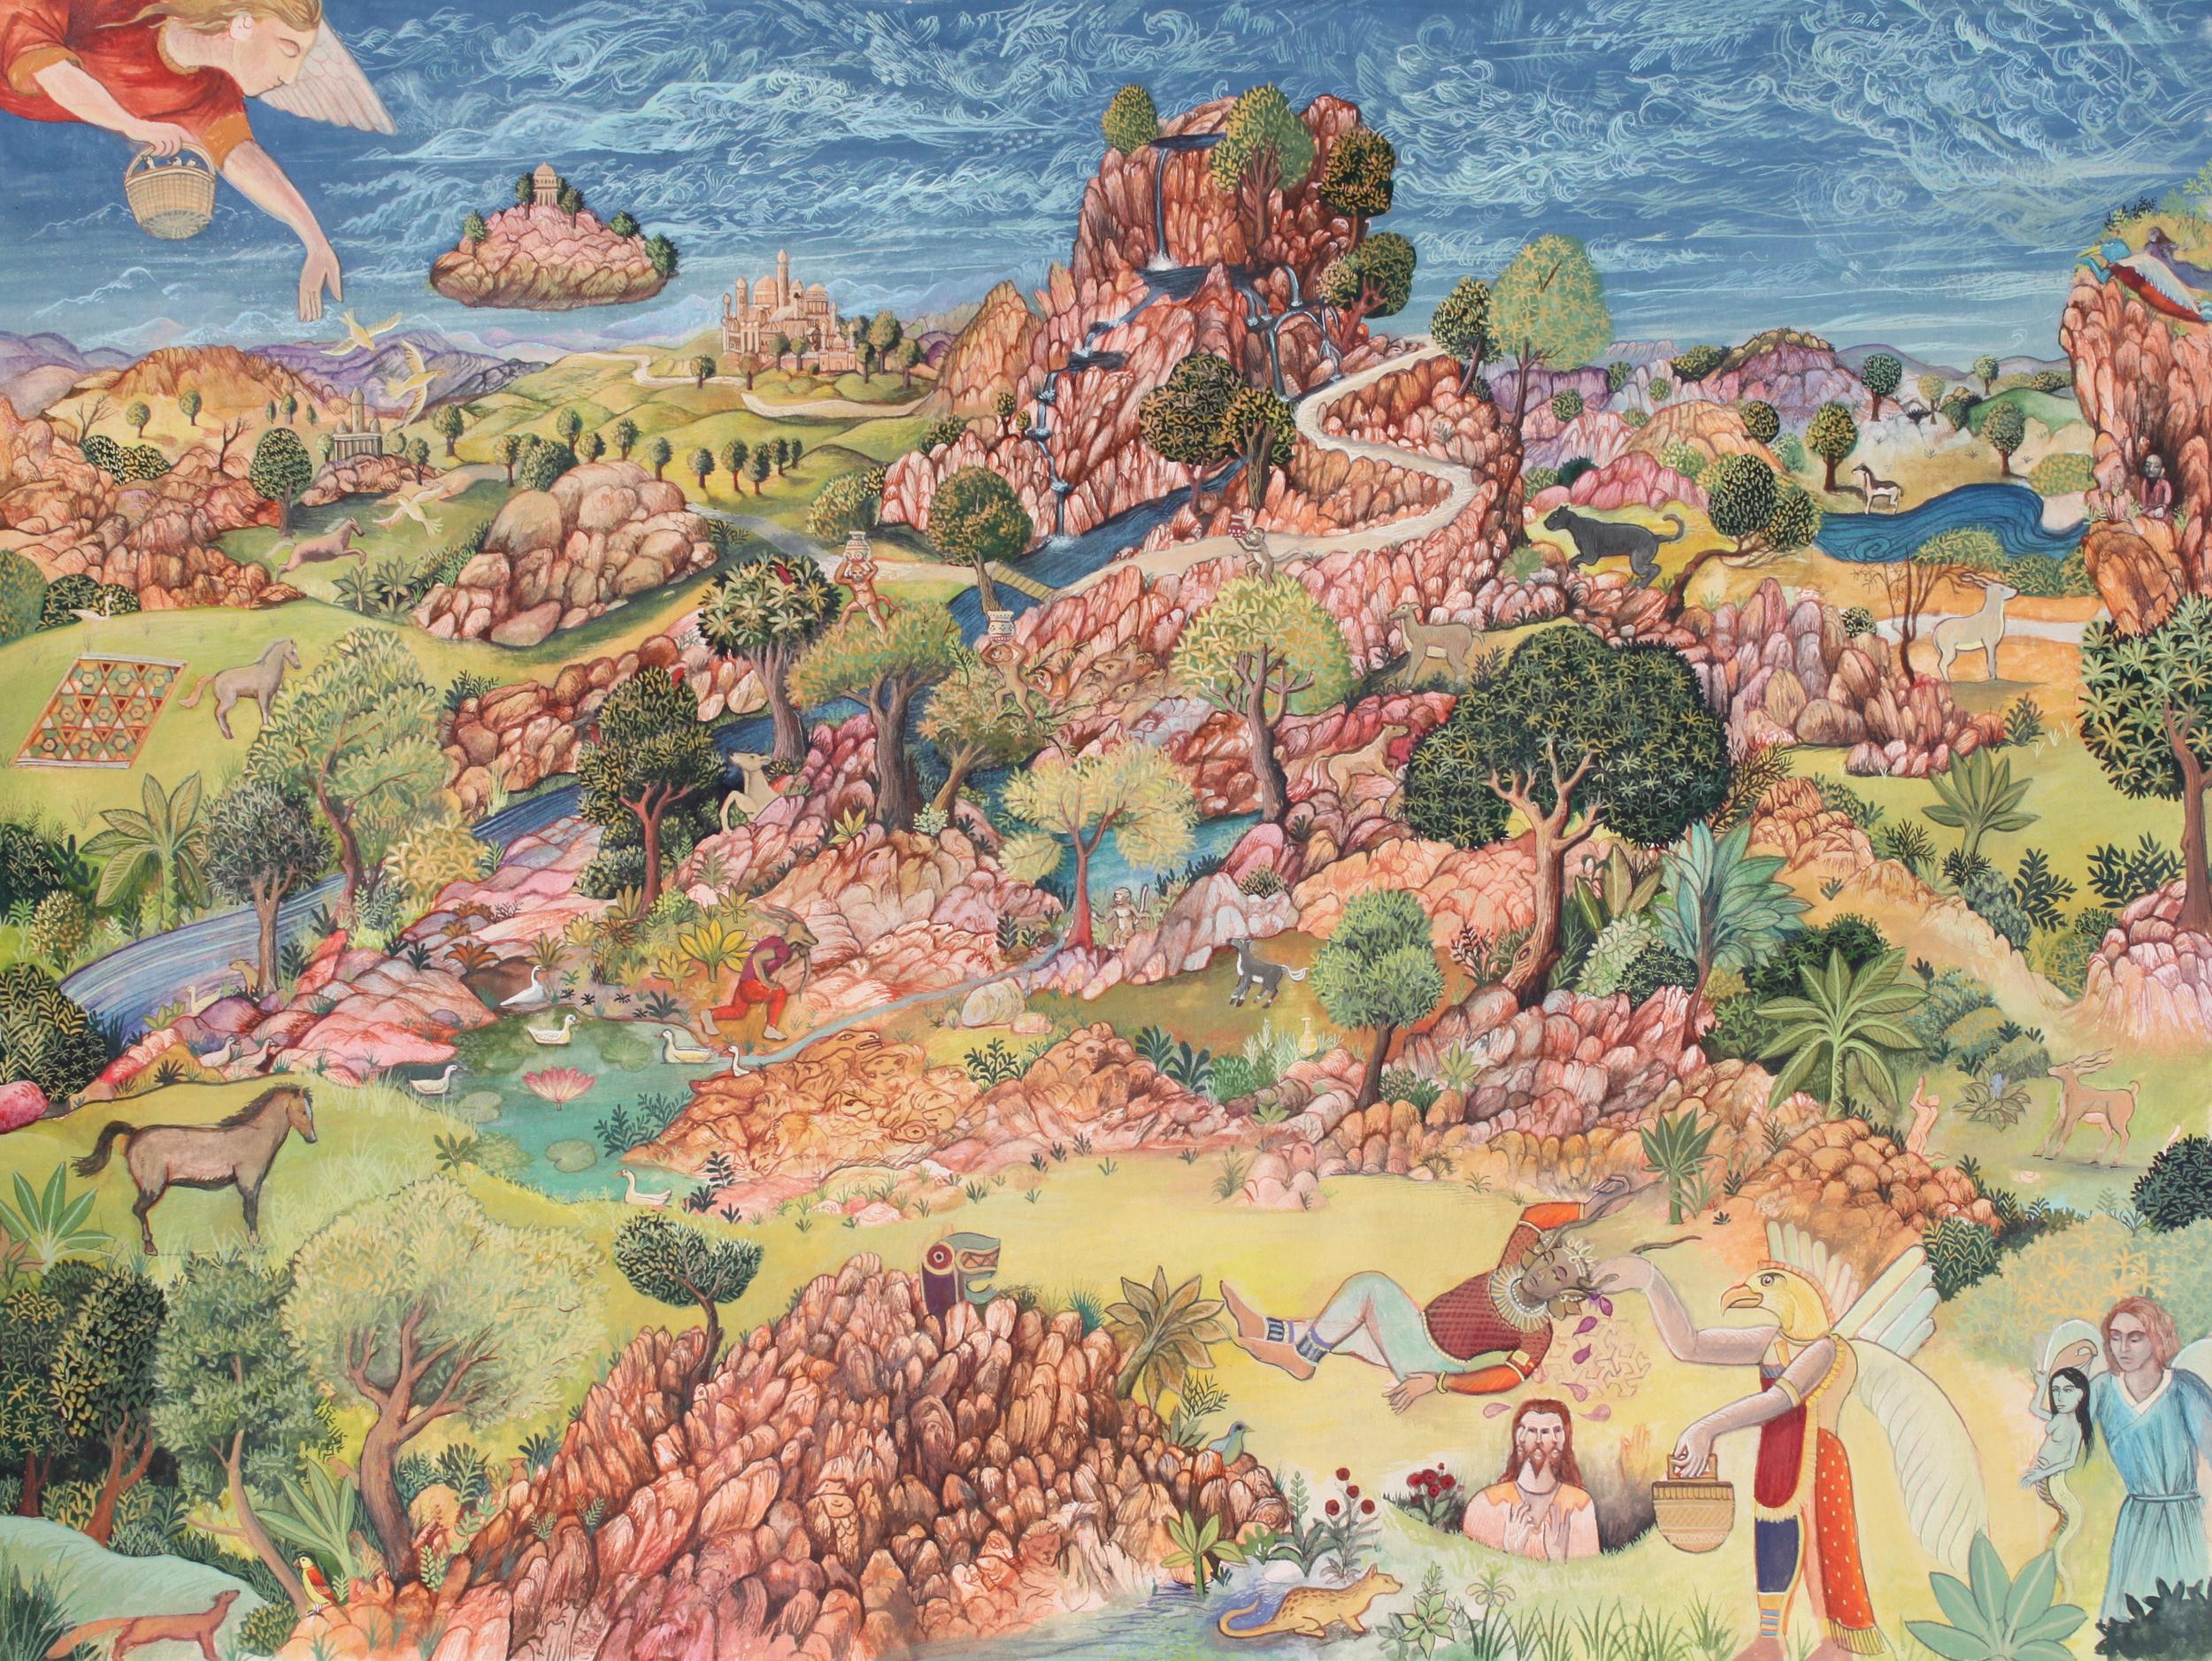 """The Land is Vast , John Campbell,gouache on paper, 16 3/4"""" x 20 3/4"""" framed, $1,200"""